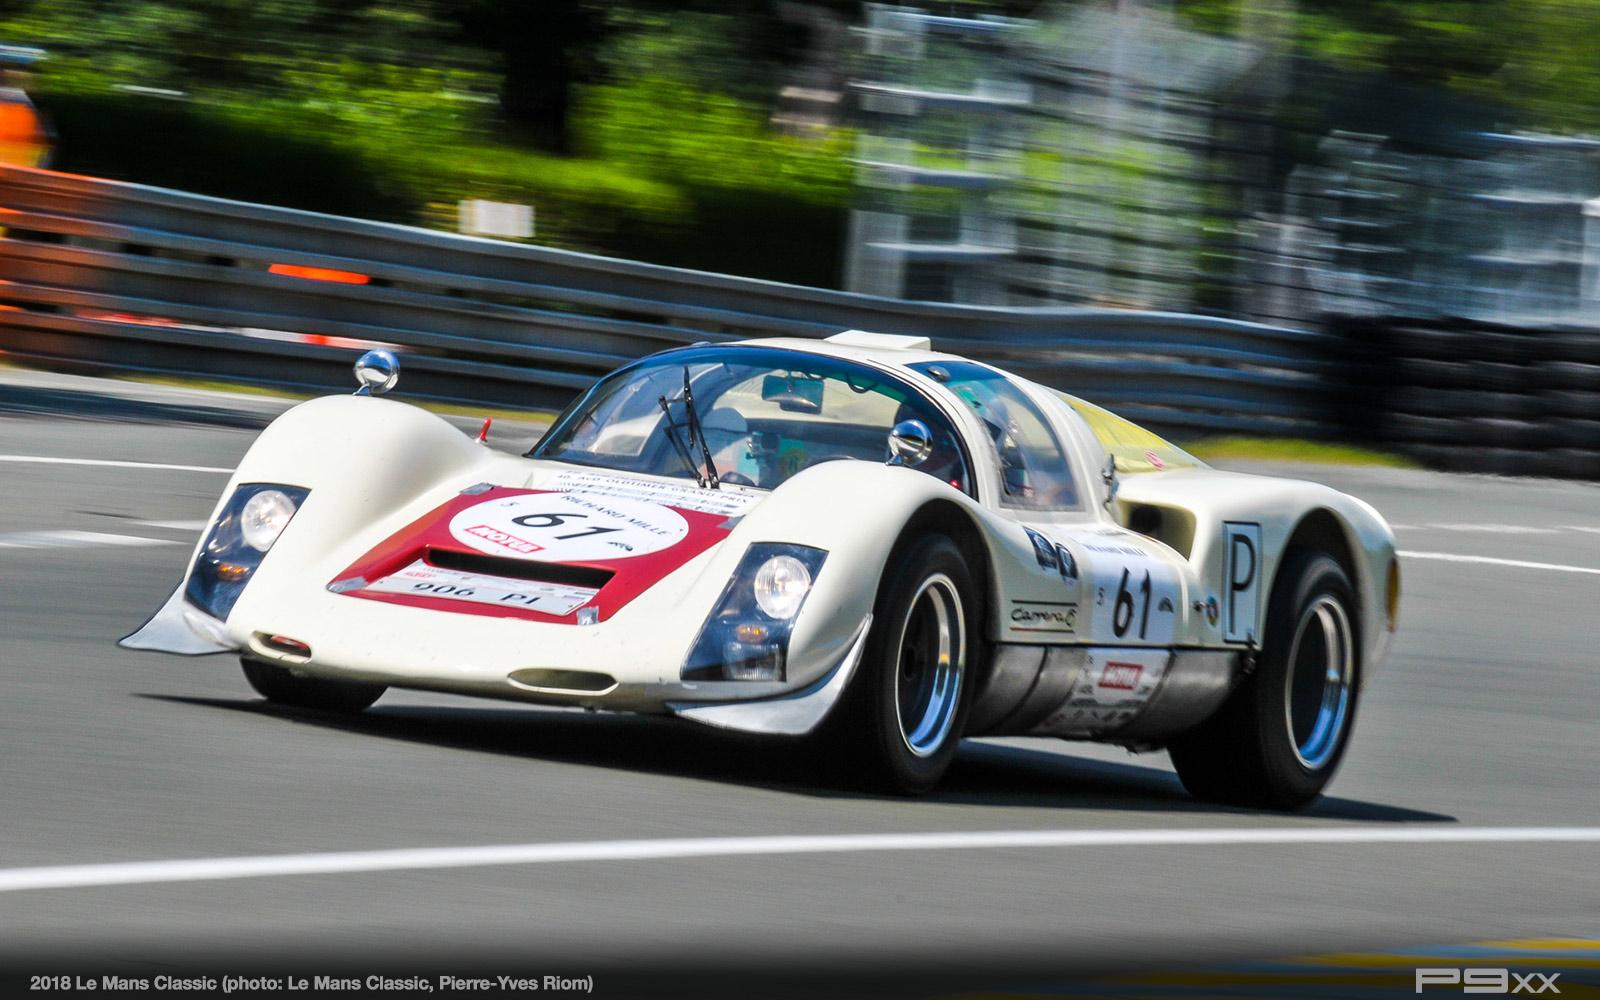 2018-Le-Mans-Classic-Porsche-359